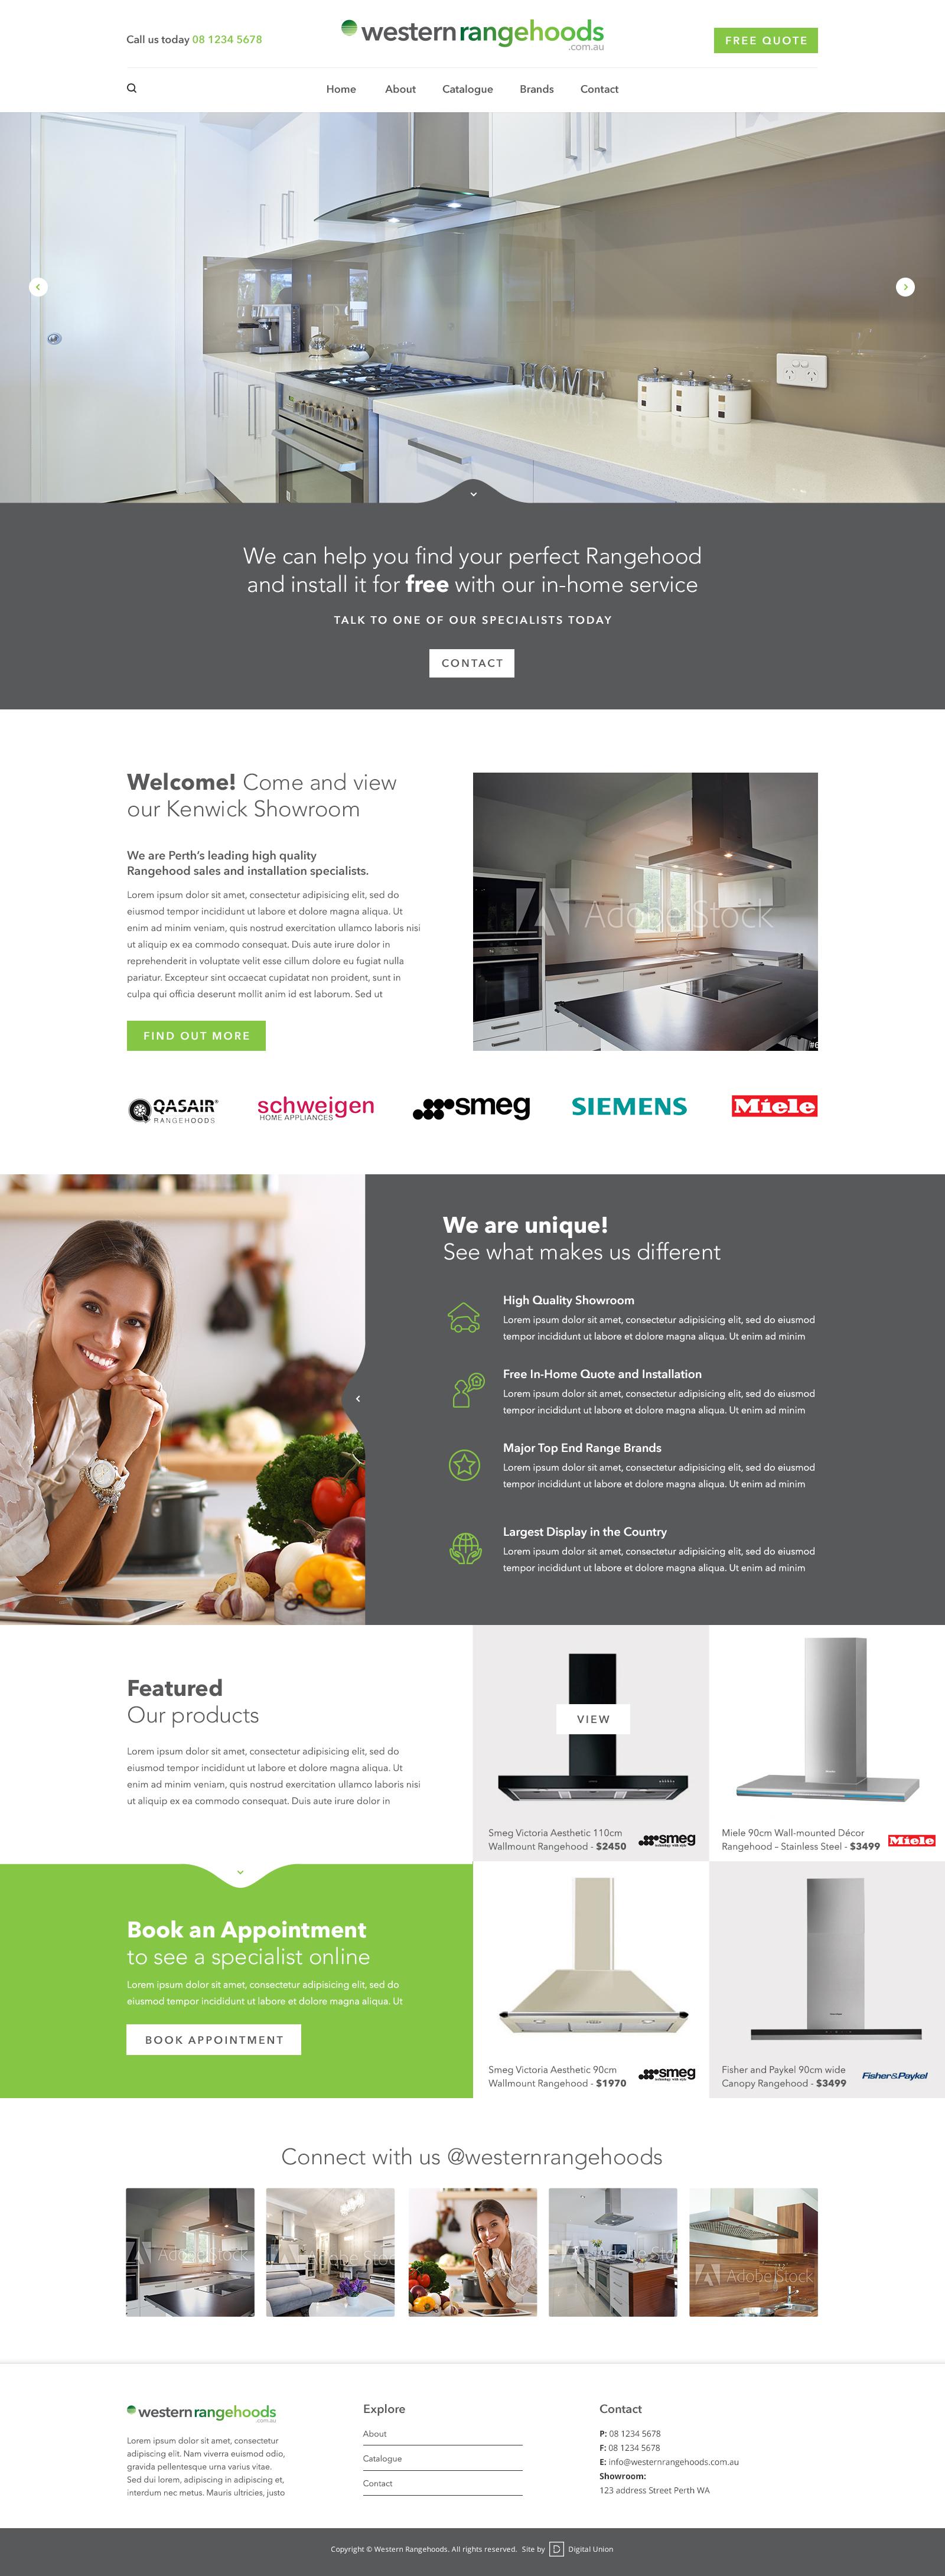 Western Rangehoods Website Home -1.jpg